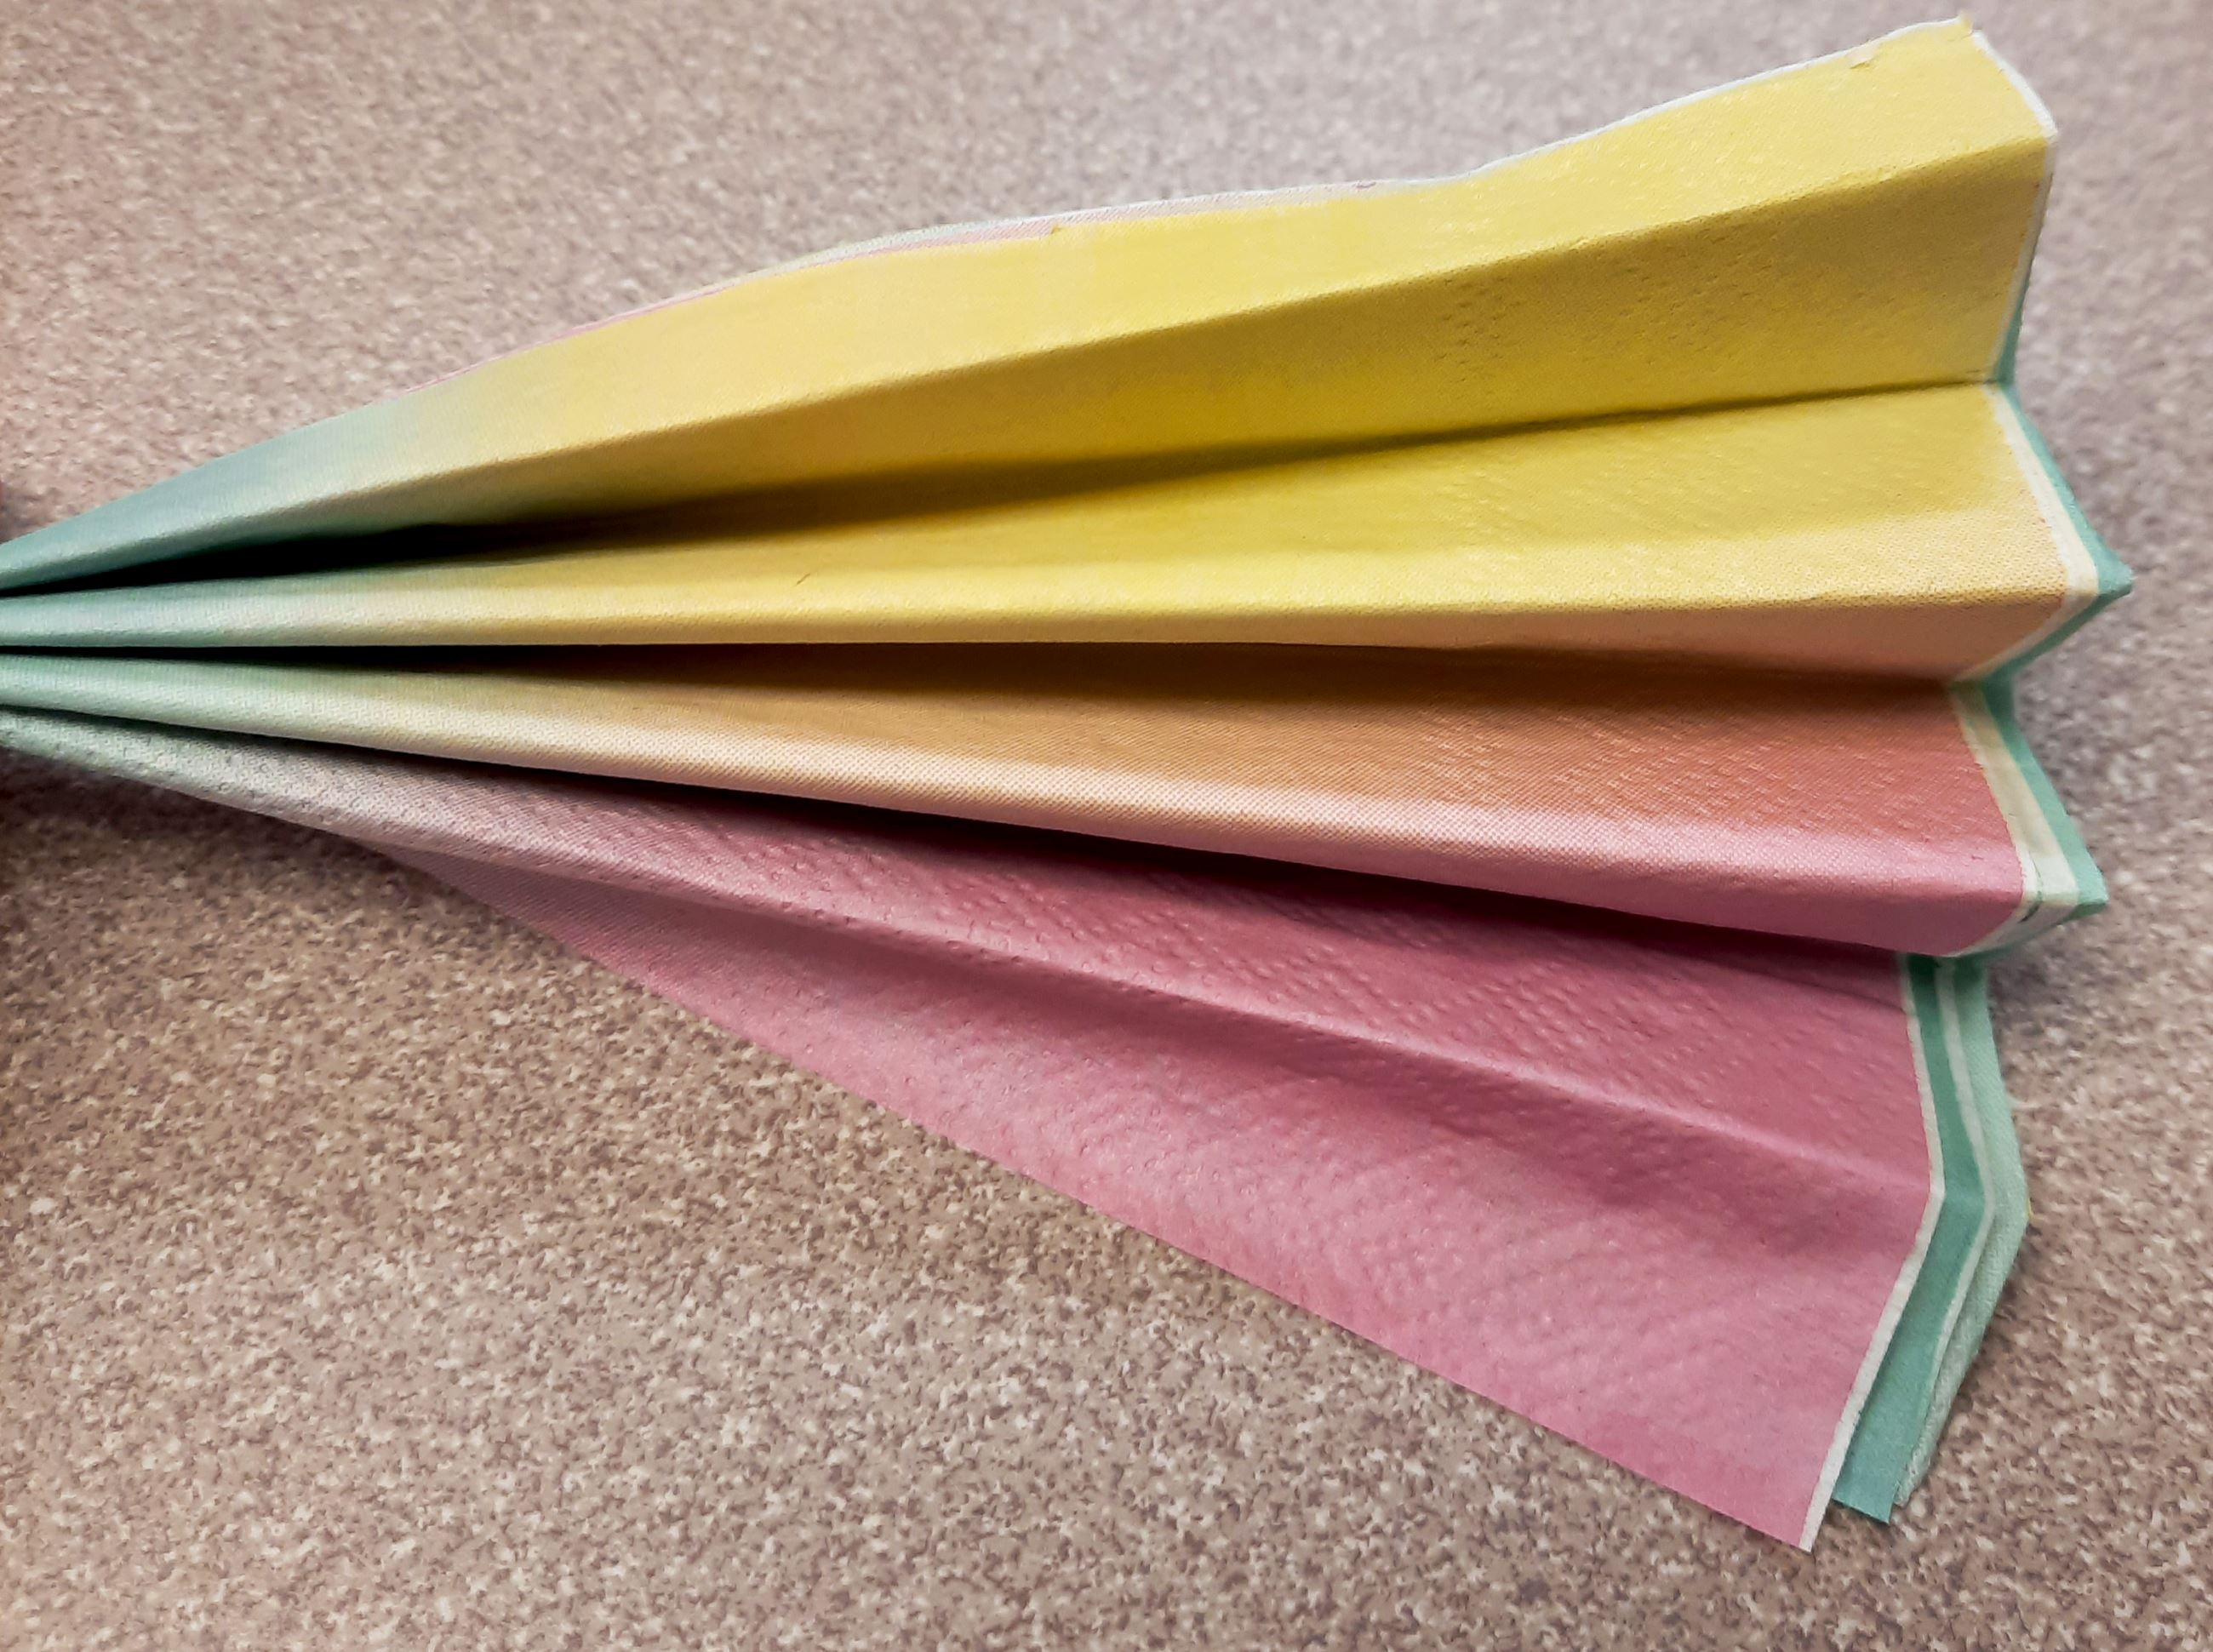 Fold the napkins into an accordion shape.